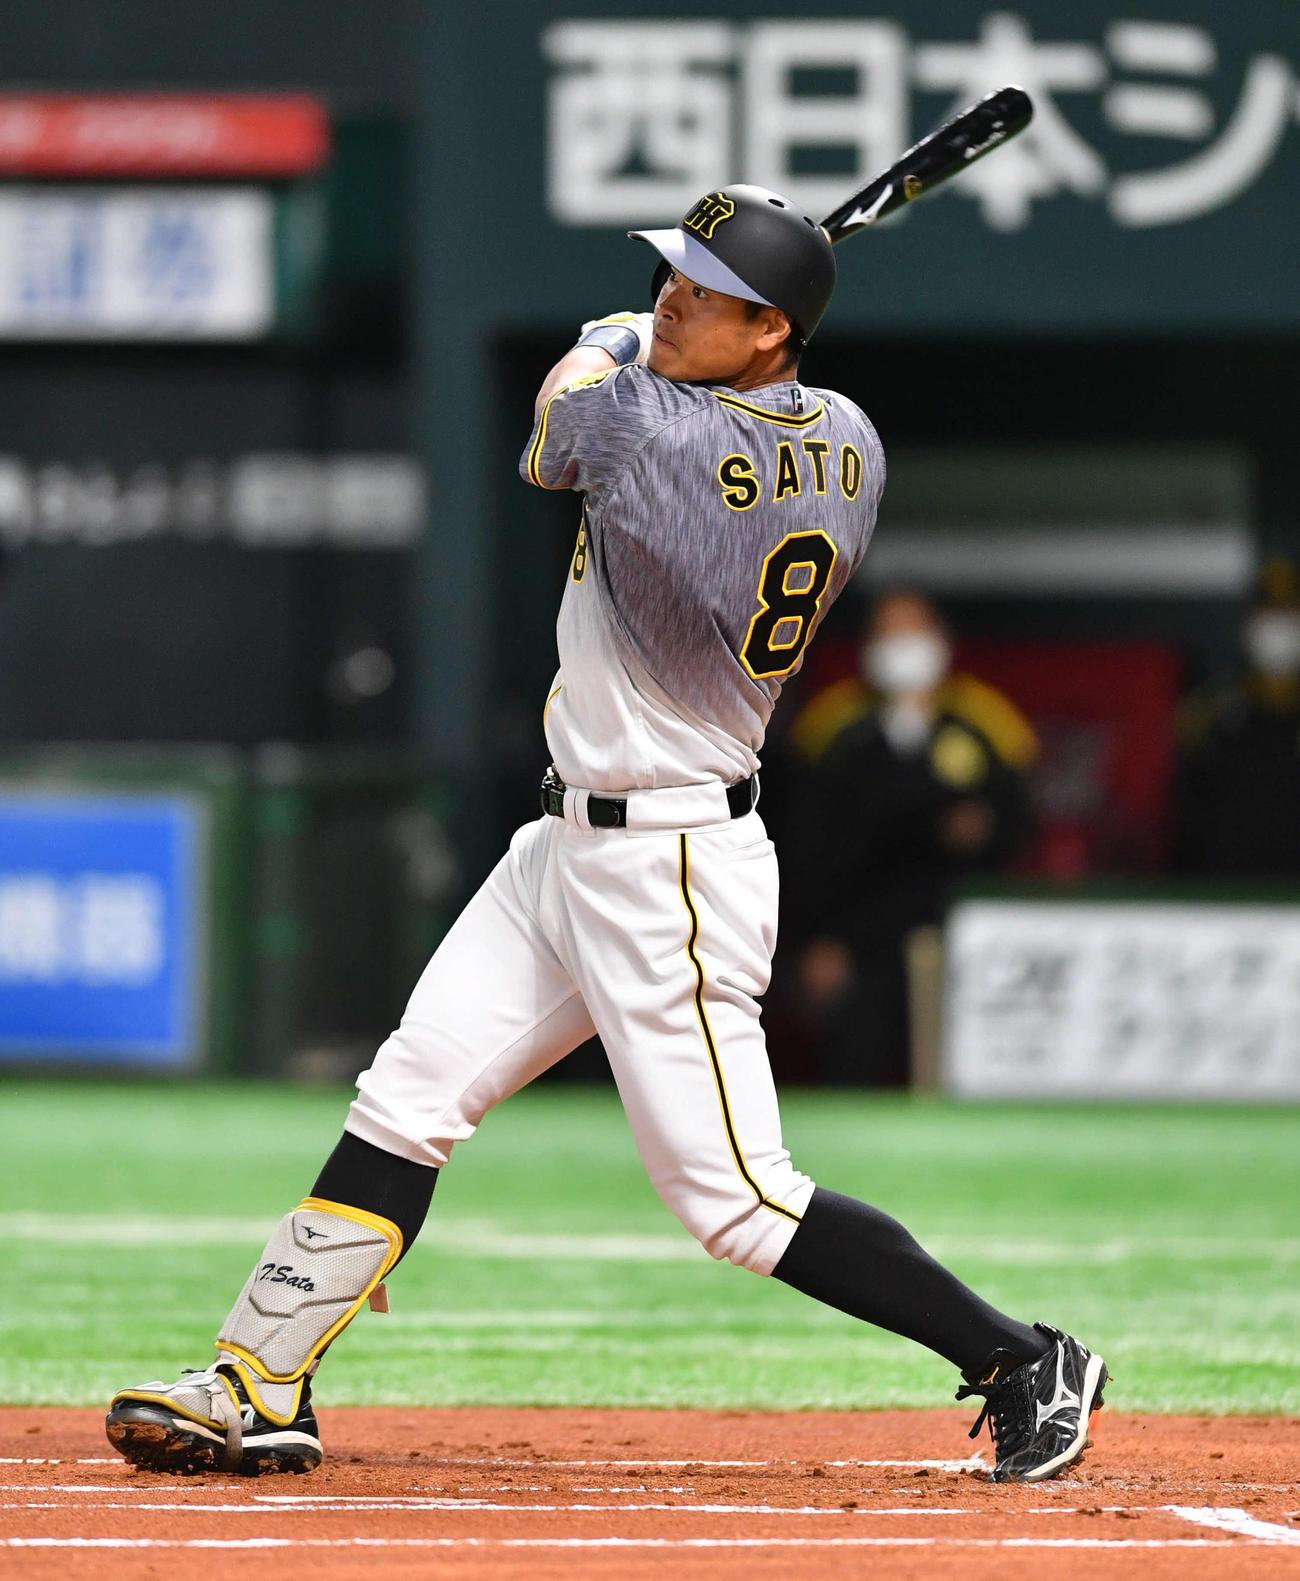 ソフトバンク対阪神 1回表阪神2死、佐藤輝は先制の左越え本塁打を放つ(撮影・岩下翔太)